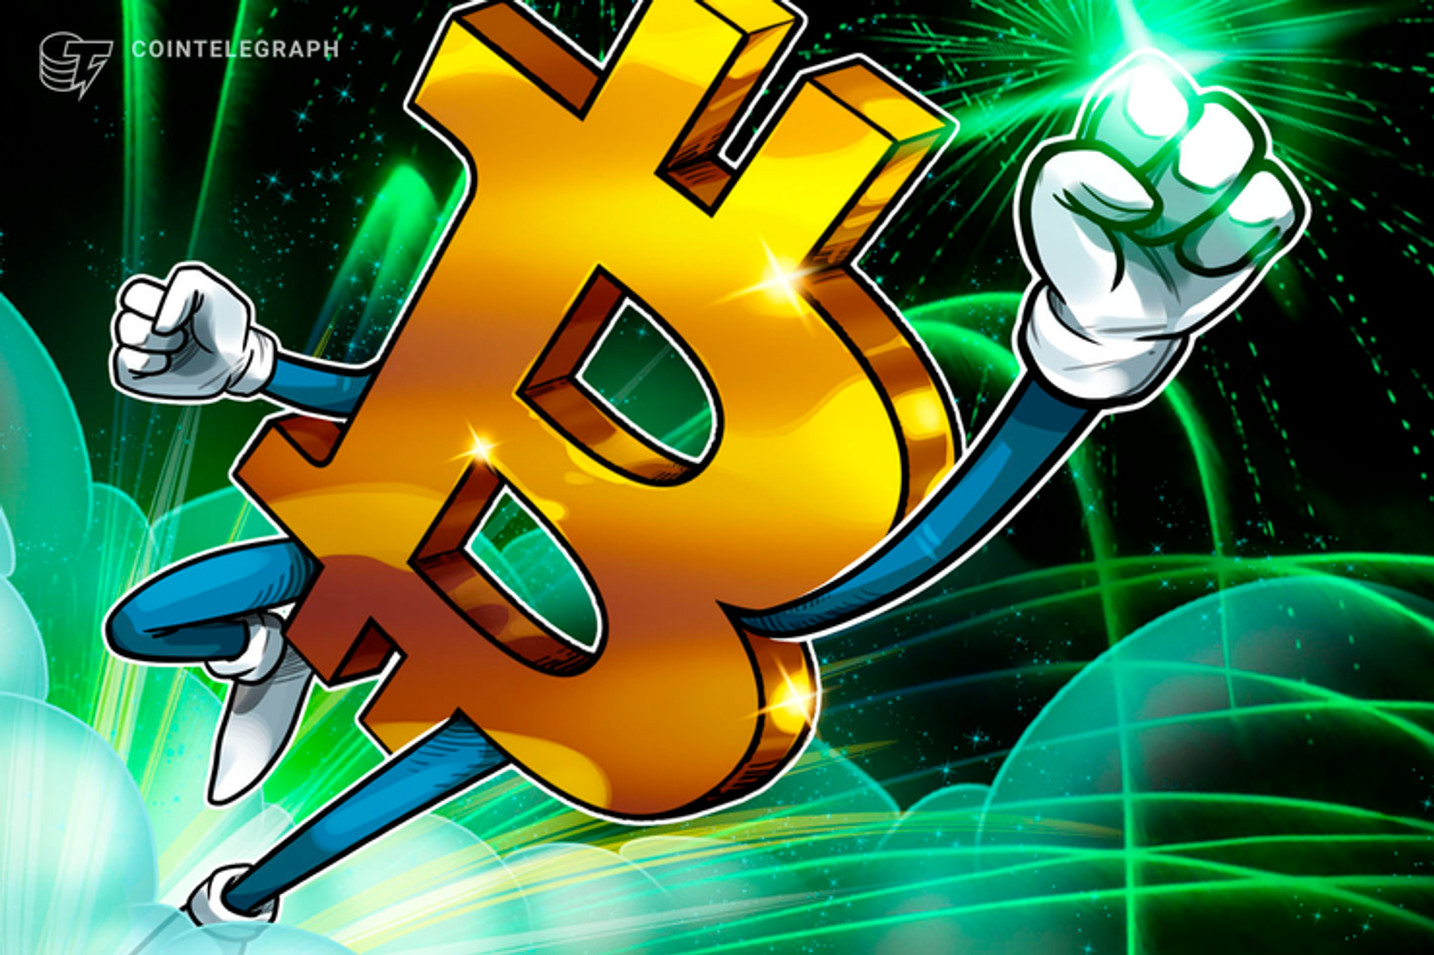 Brasil já movimentou mais de R$ 10 bilhões em Bitcoin em 2019